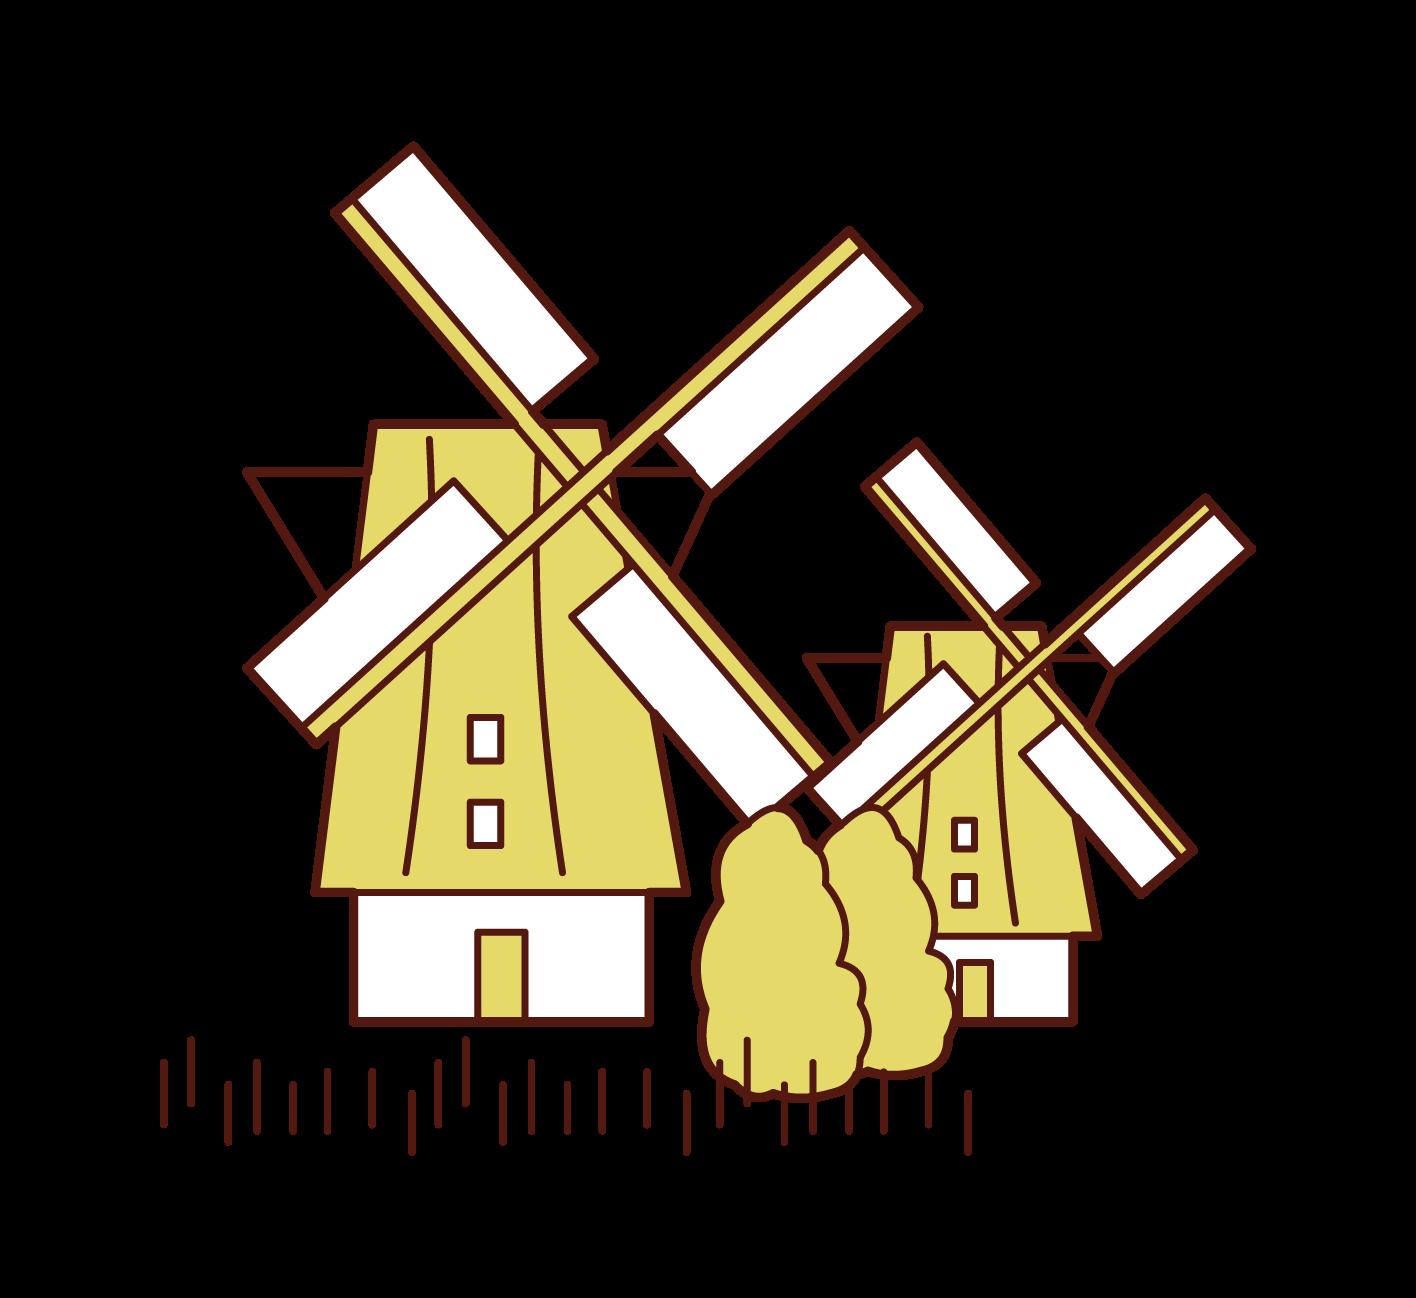 Illustration of the Windmills of Kinderdijk-Elshout